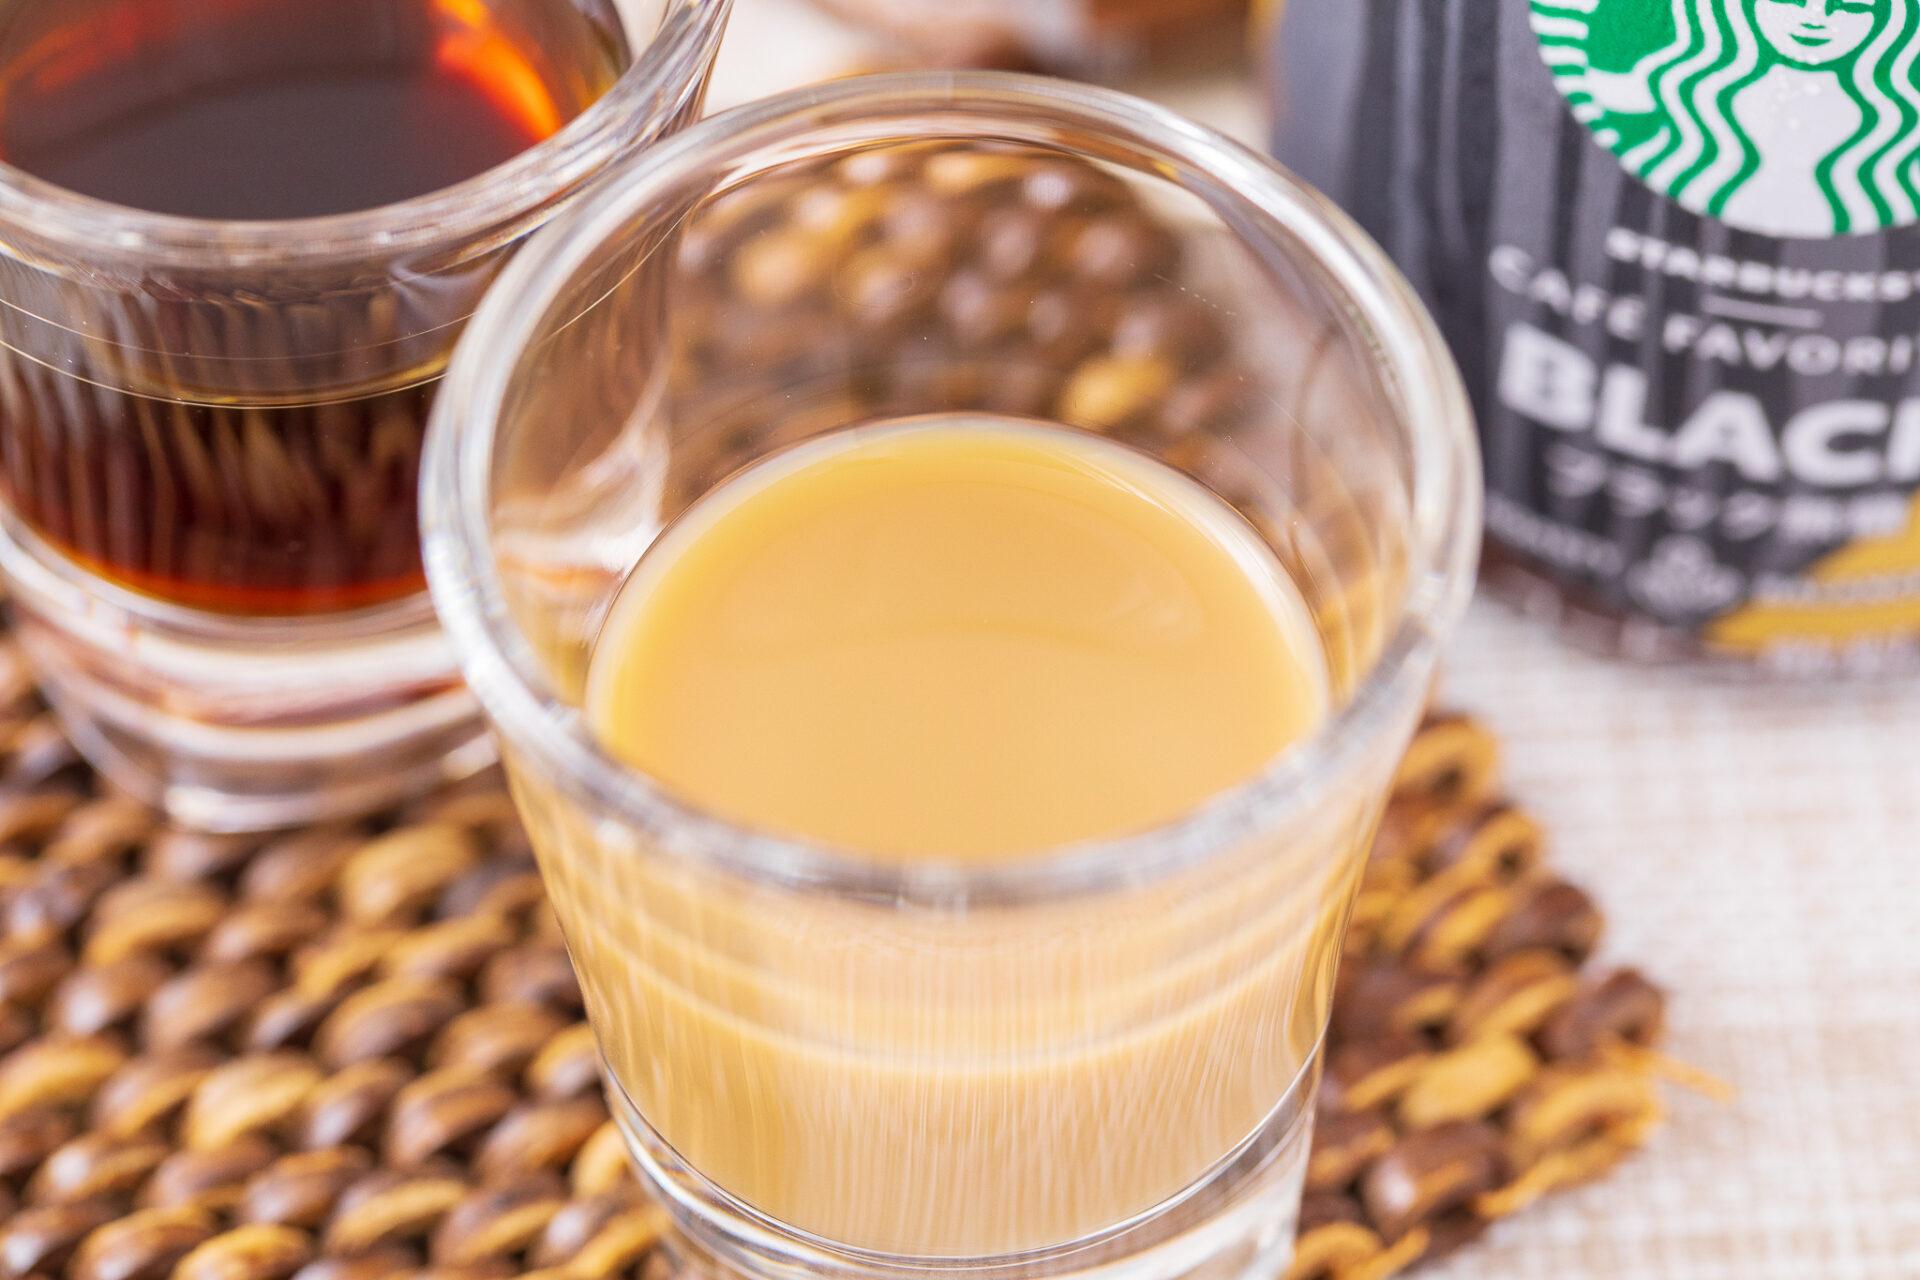 セブン&アイグループ限定『スターバックス CAFÉ FAVORITES カフェラテ』